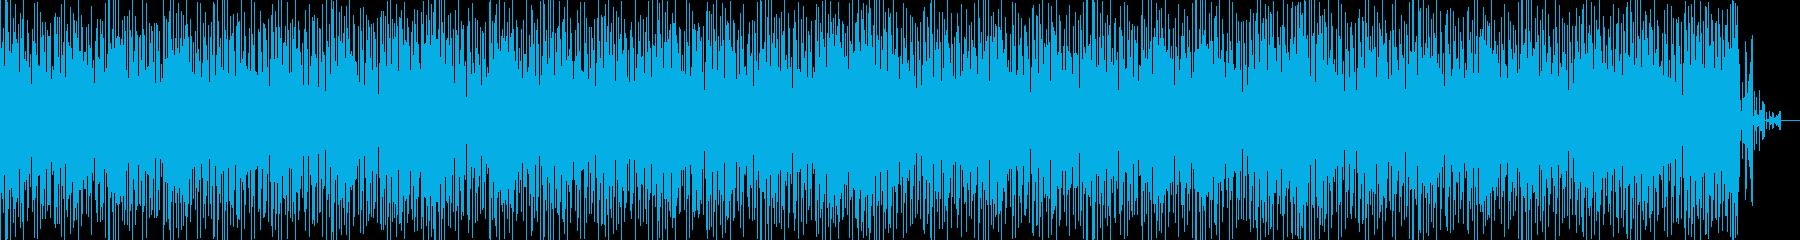 無機質なハウス ニュース原稿読みBGMにの再生済みの波形